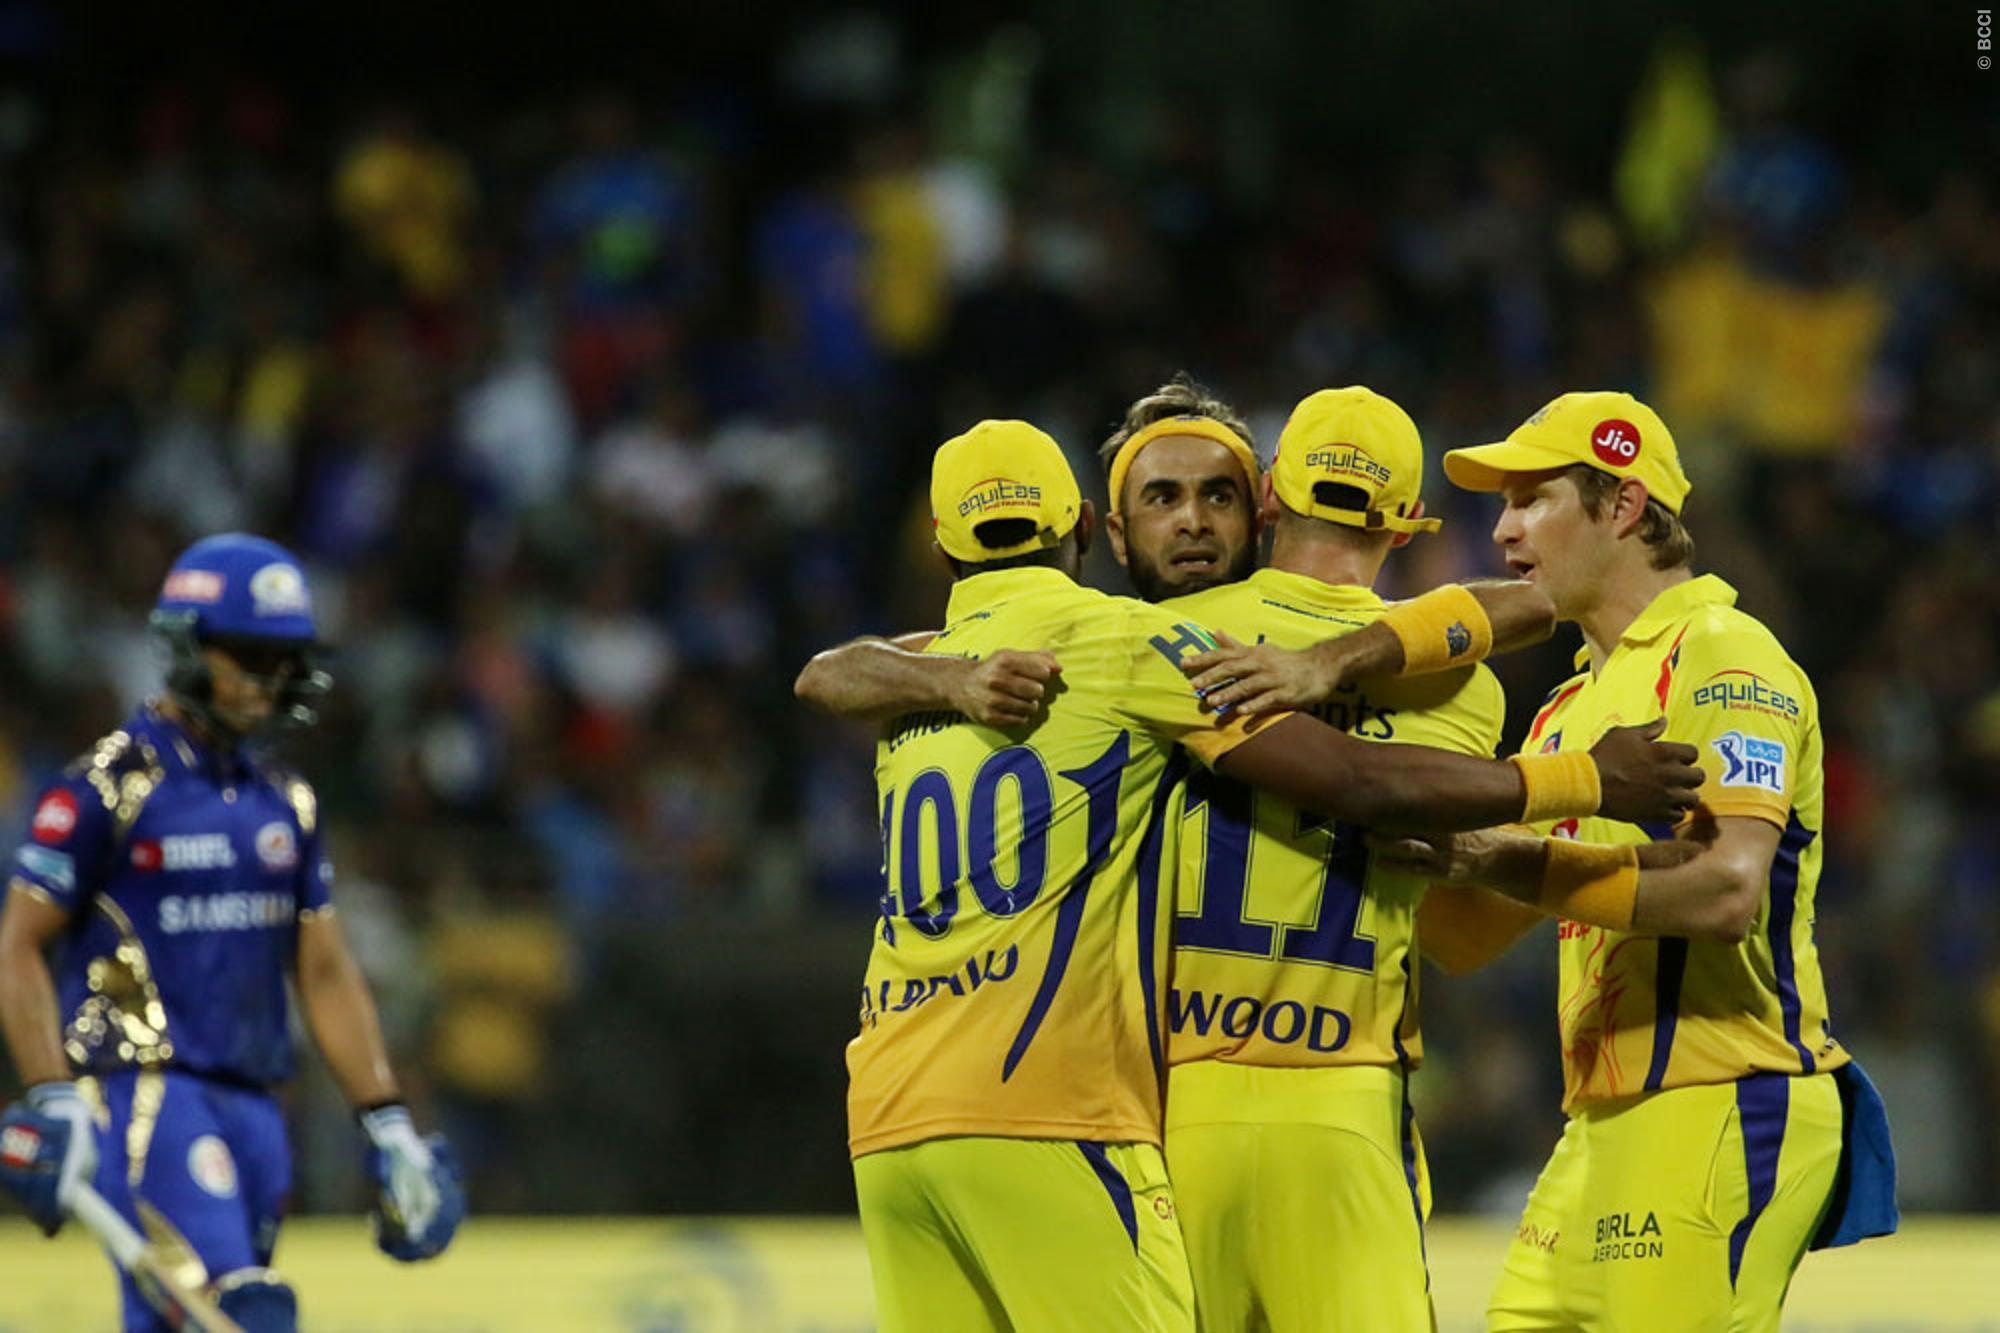 ट्विटर प्रतिक्रिया: रोमांचक मैच में मिली हार के बाद भी लोग हुए मुंबई इंडियंस के इस खिलाड़ी के दीवाने, तो सहवाग ने ब्रावो को खास अंदाज में दी जीत की बधाई